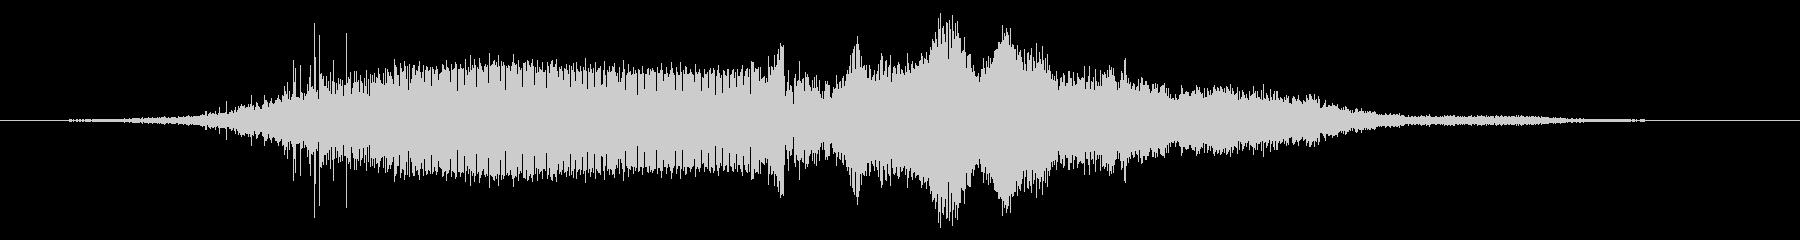 フェラーリ308:Ext:ショート...の未再生の波形